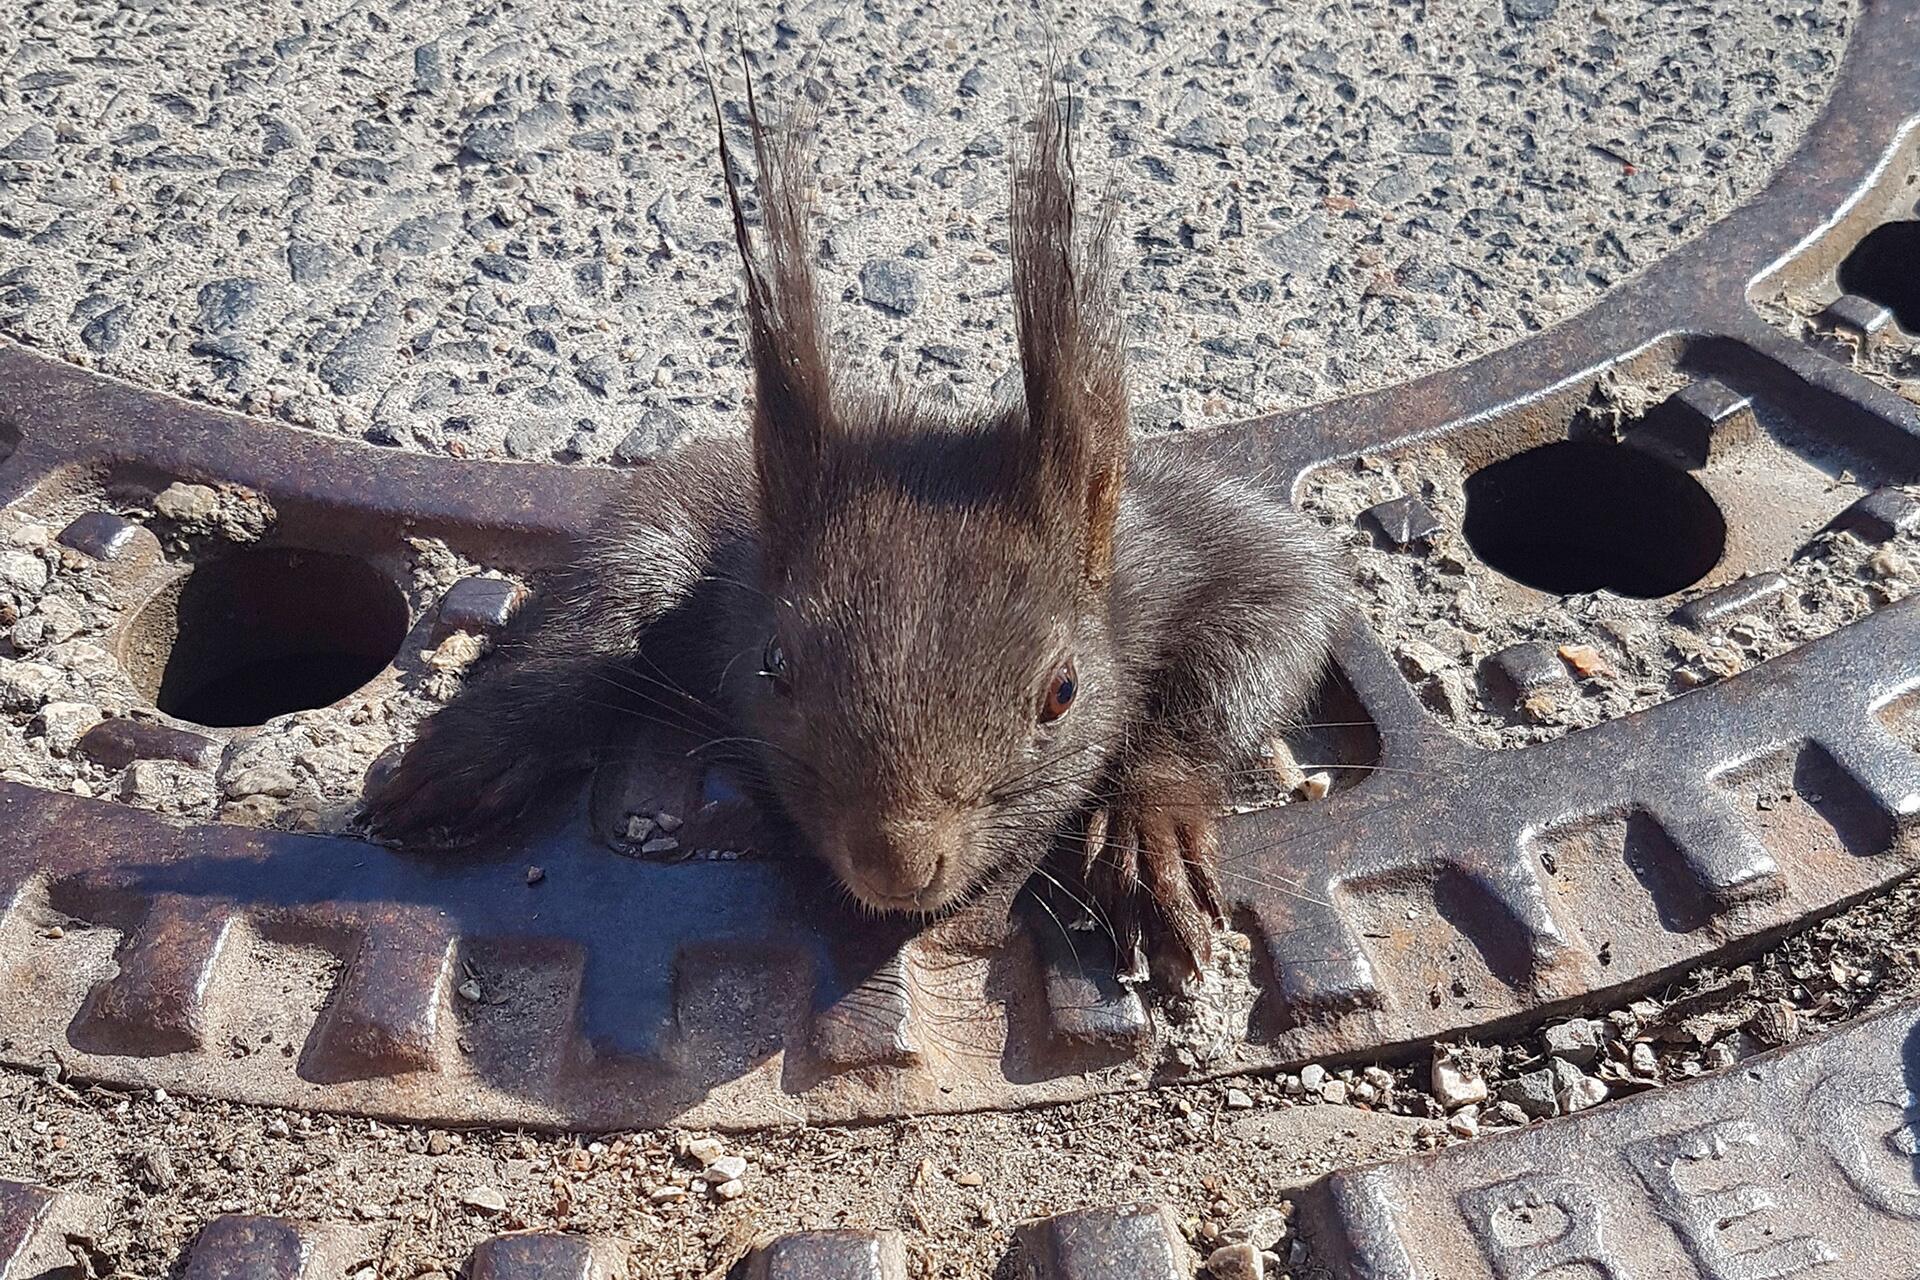 Bild zu Eichhörnchen in Gullydeckel